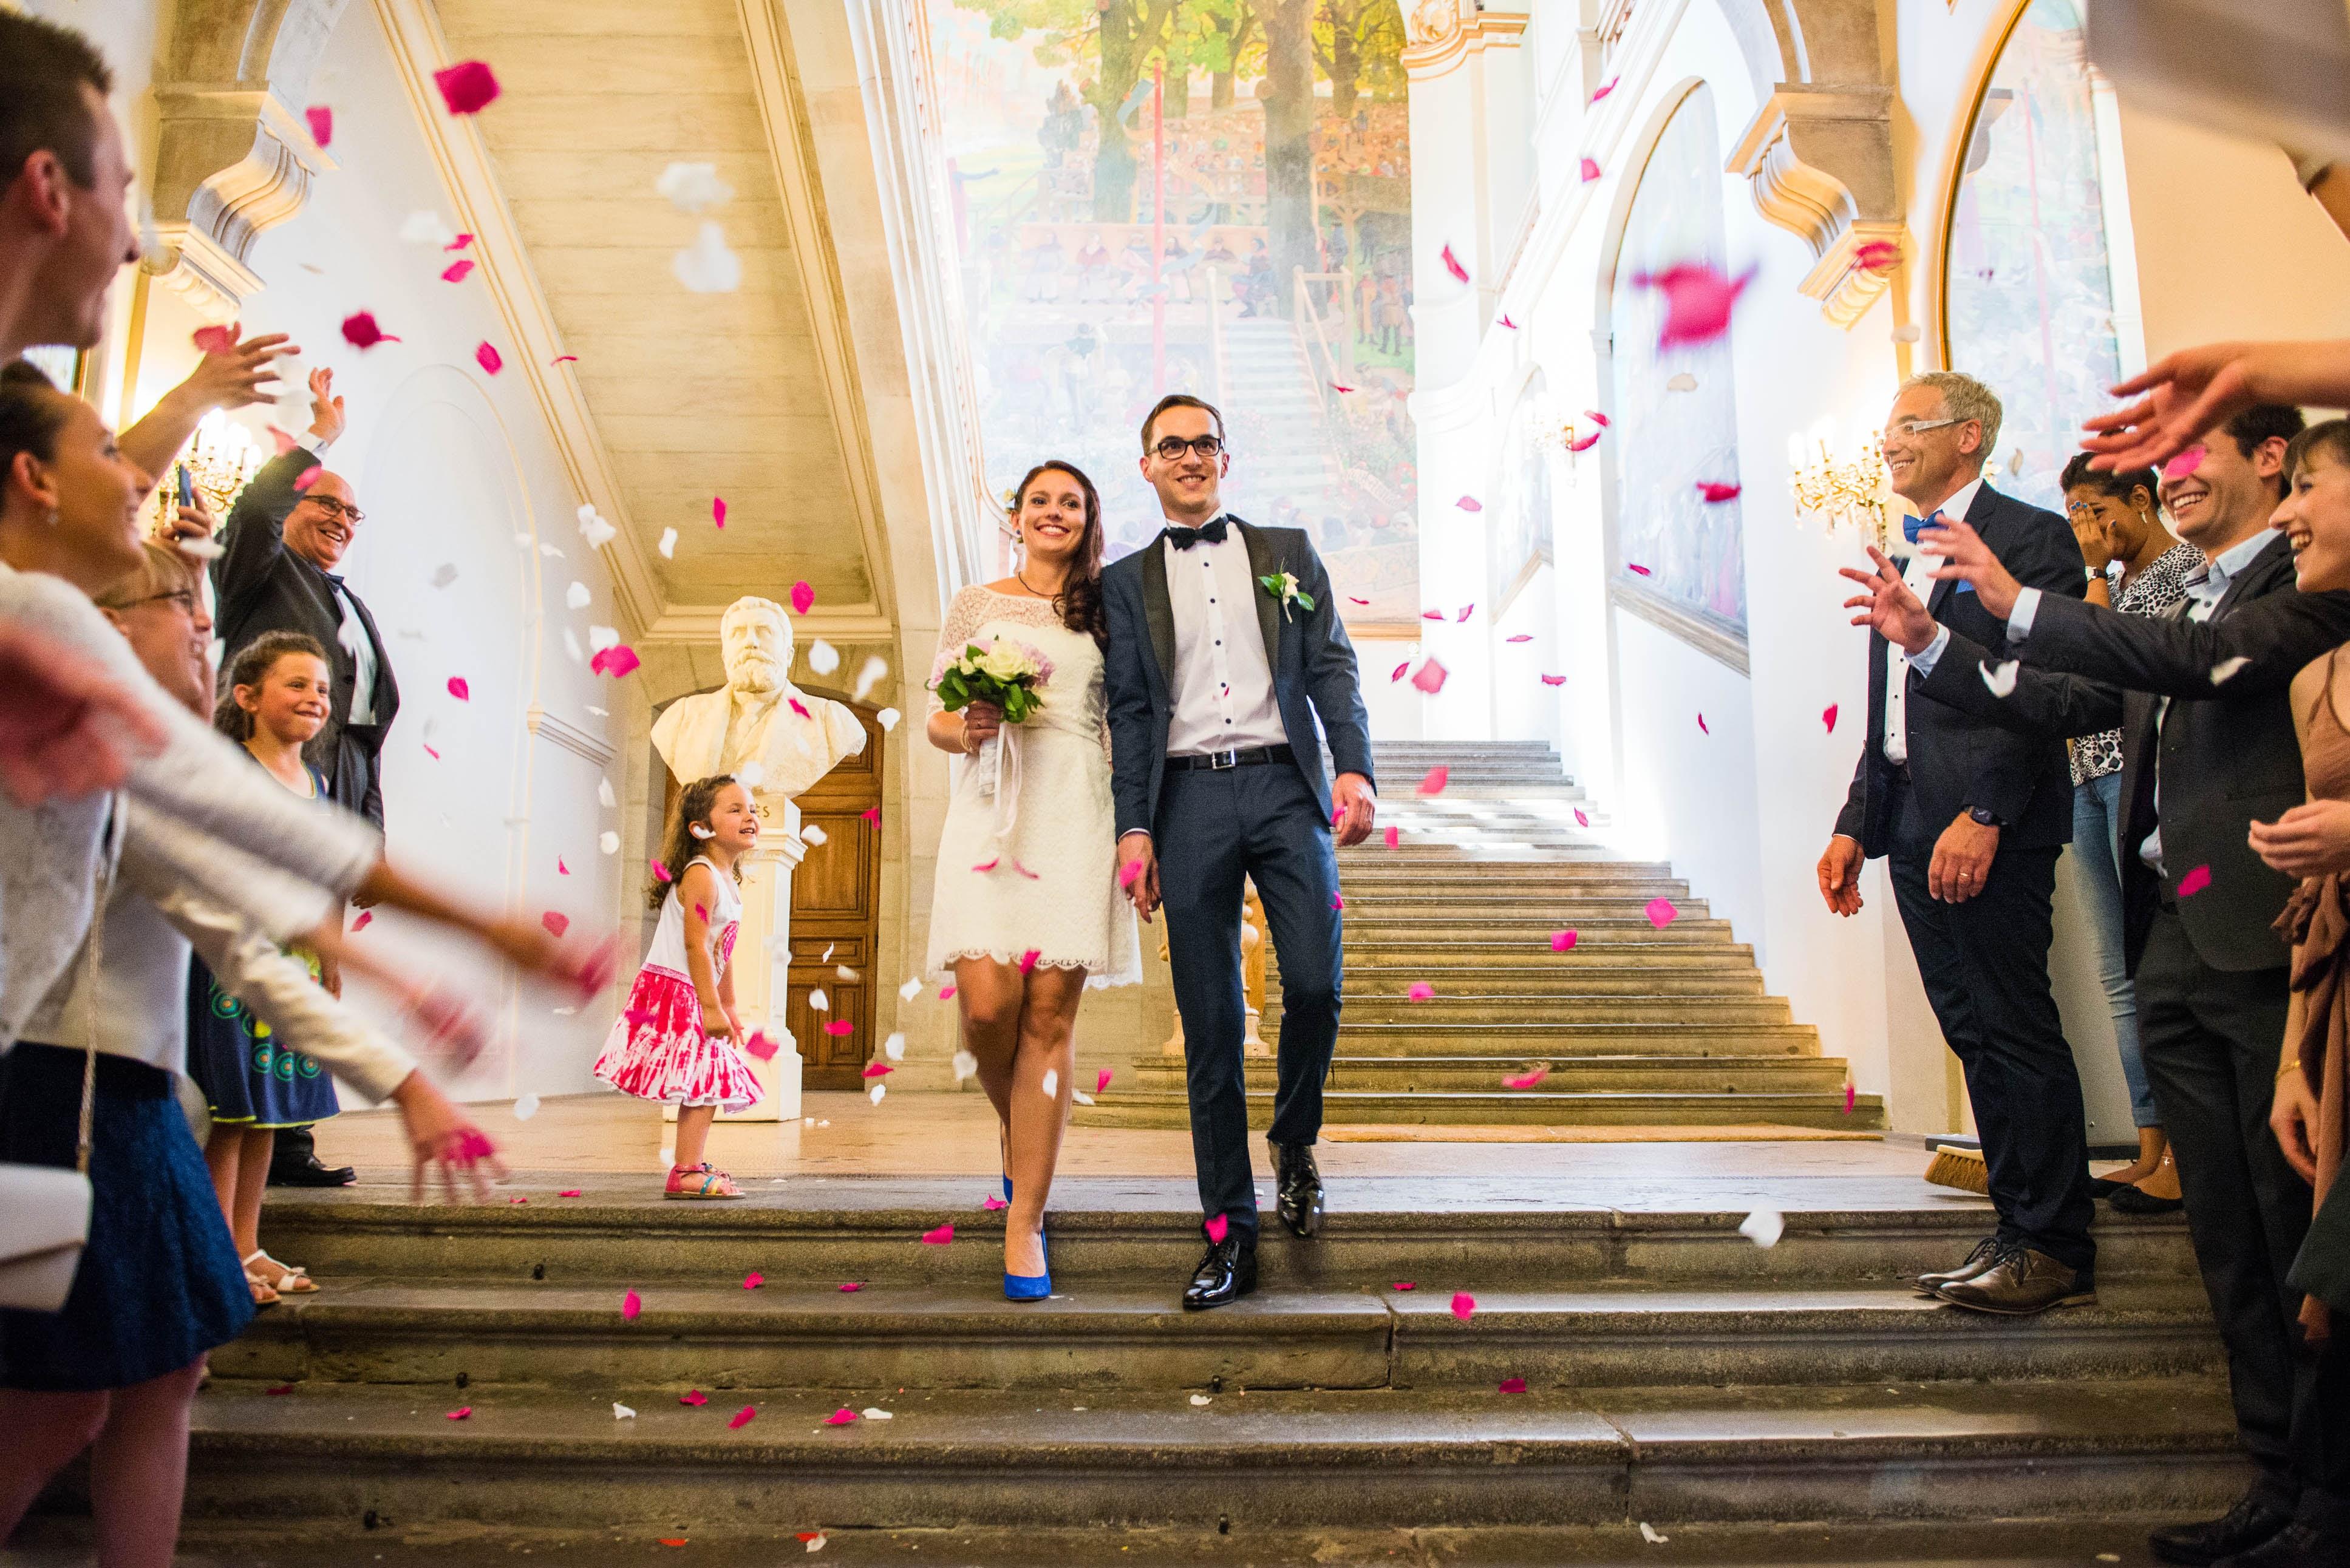 Le mariage de Charlène en bleu avec une touche de jaune et des paillettes